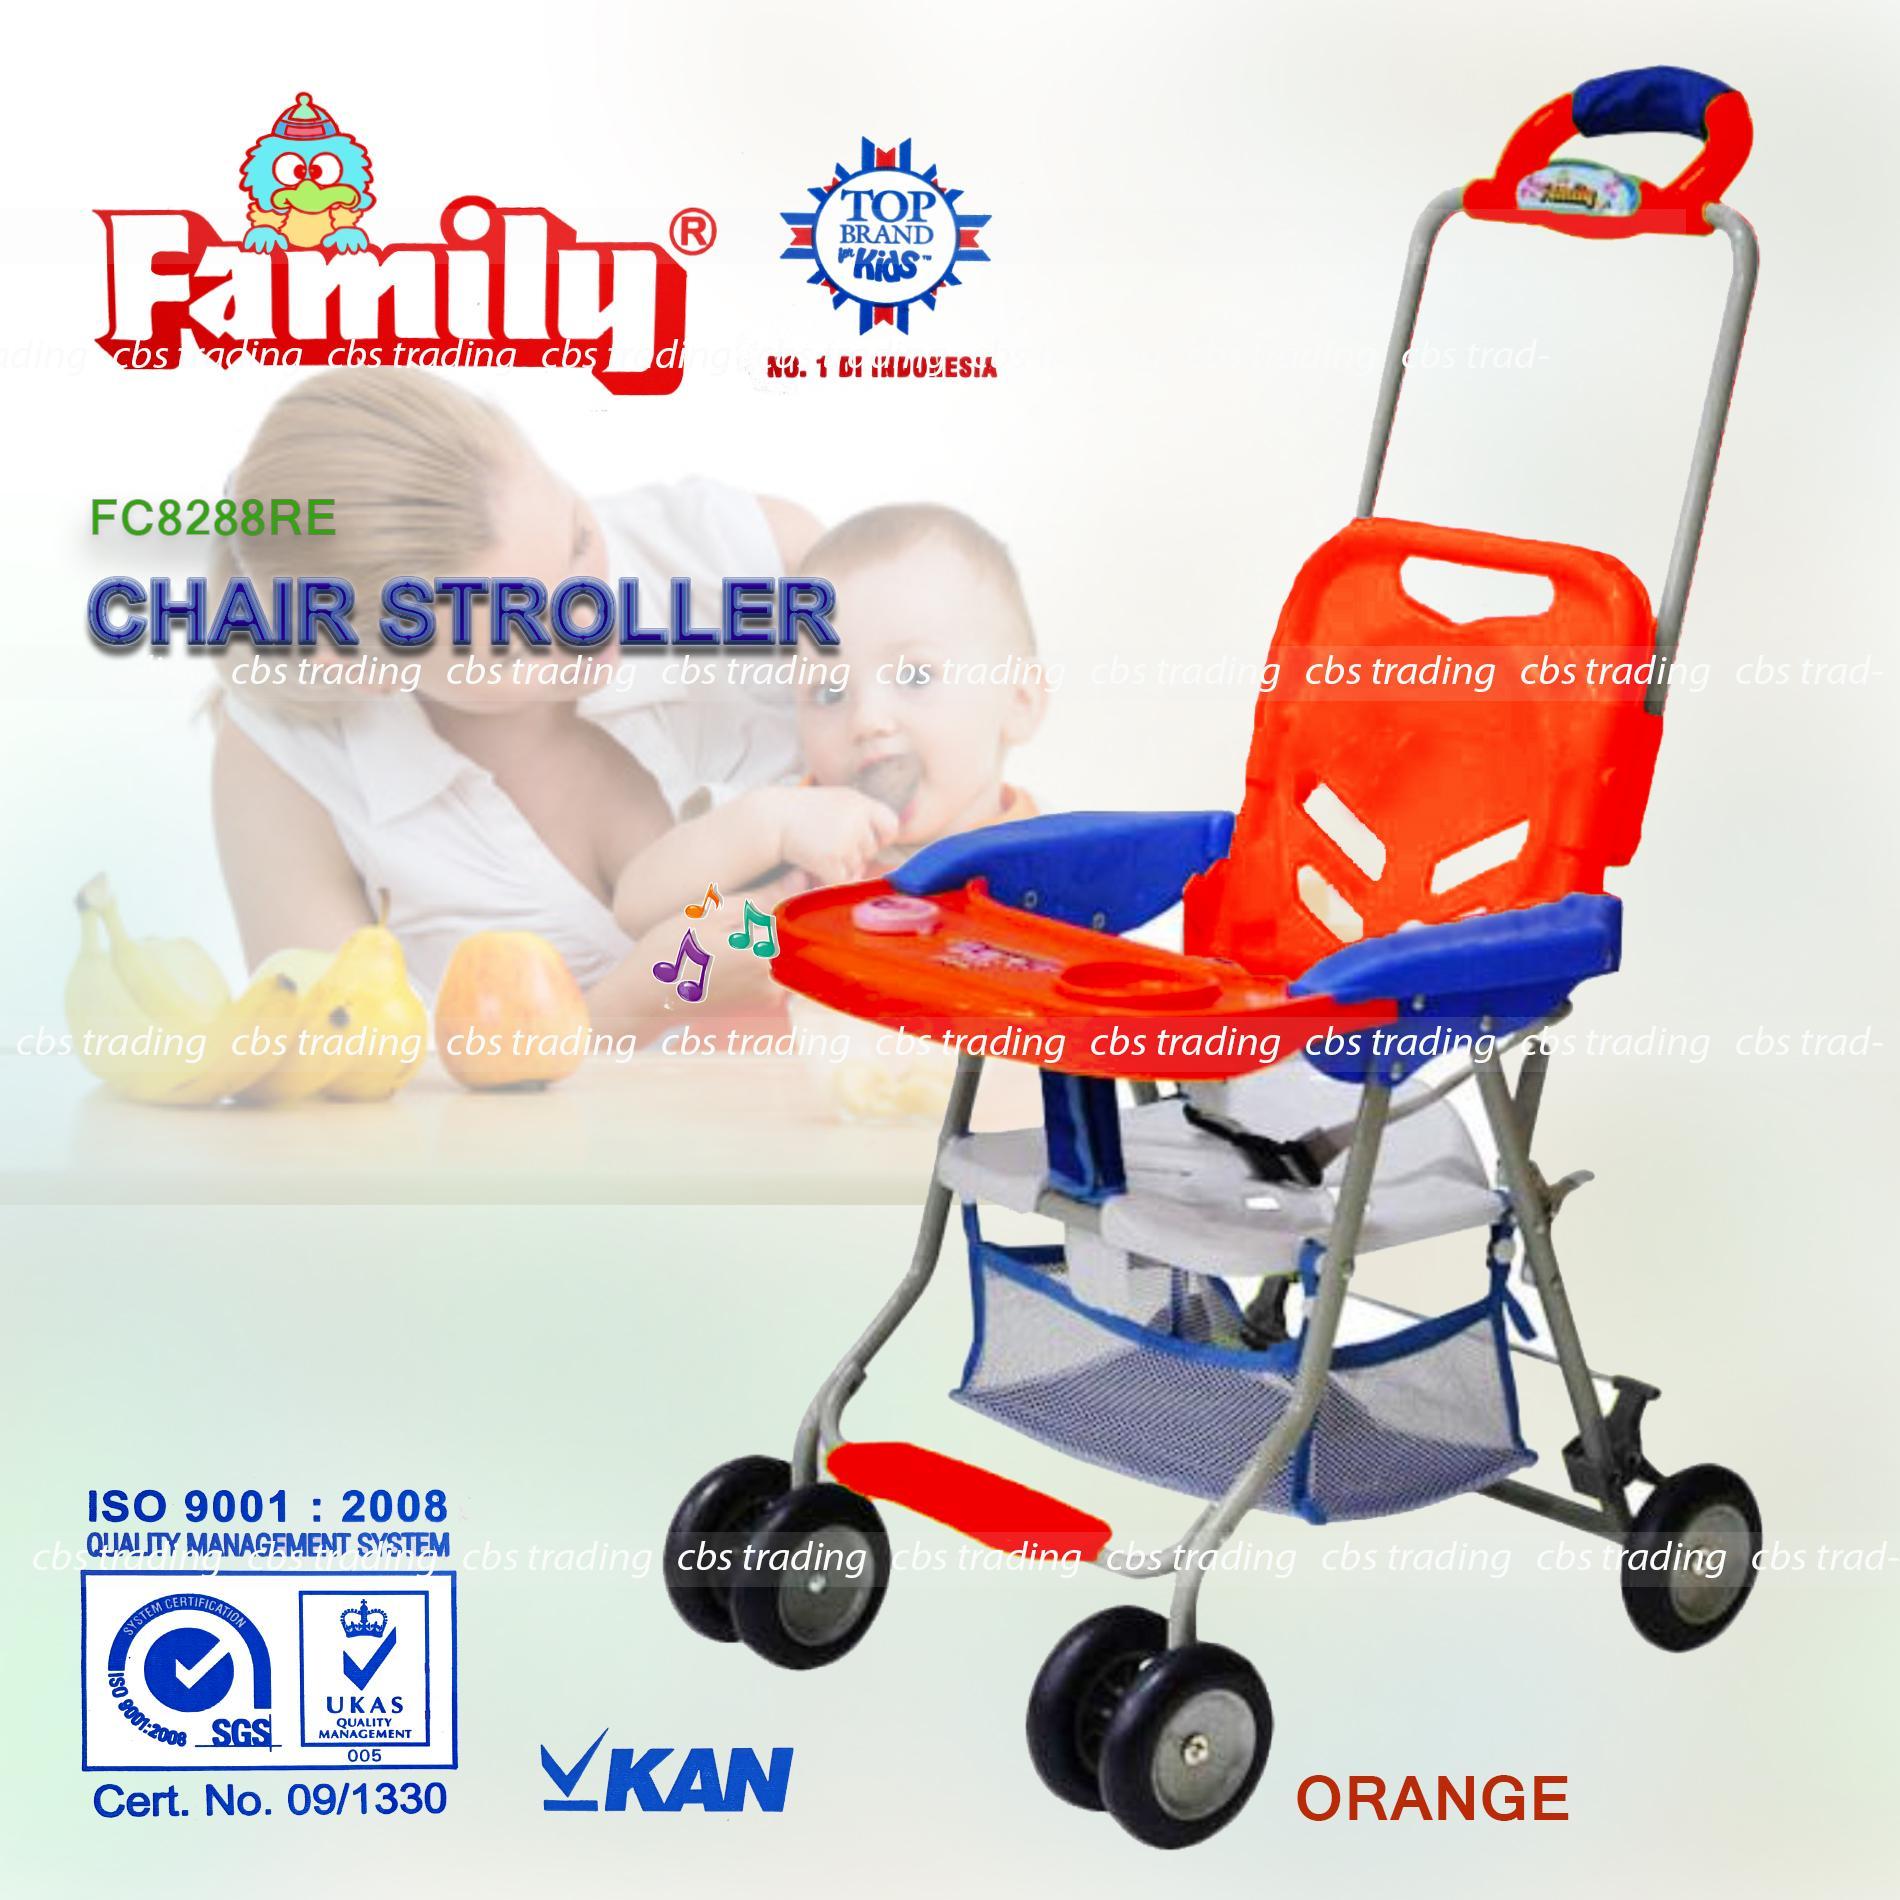 Family Chair Stroller 8288 - Kursi Makan - Baby Stroller - Orange